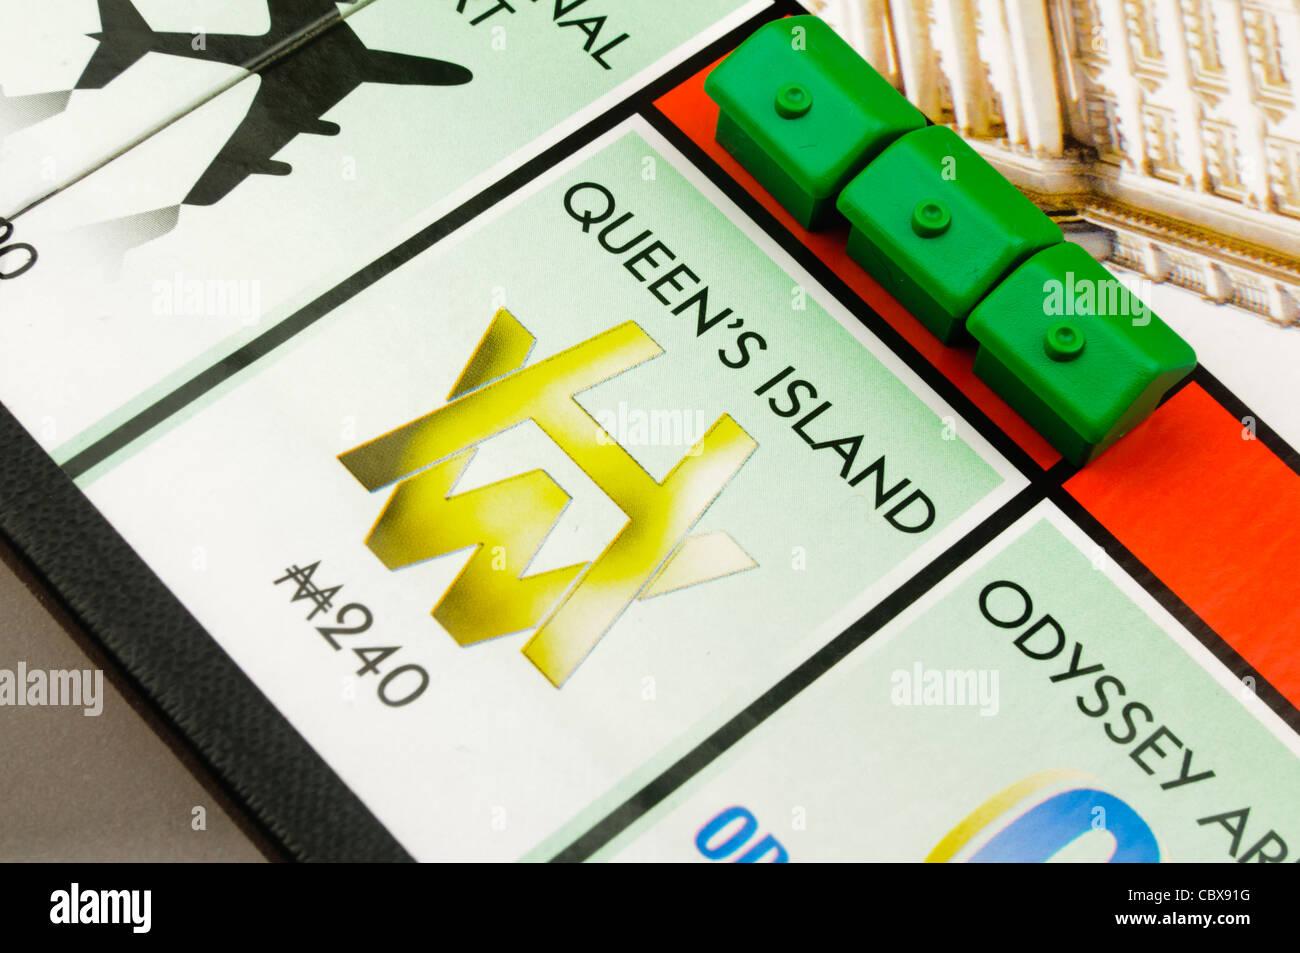 Belfast-Monopol: Bau von Häusern auf Königin der Insel Stockbild